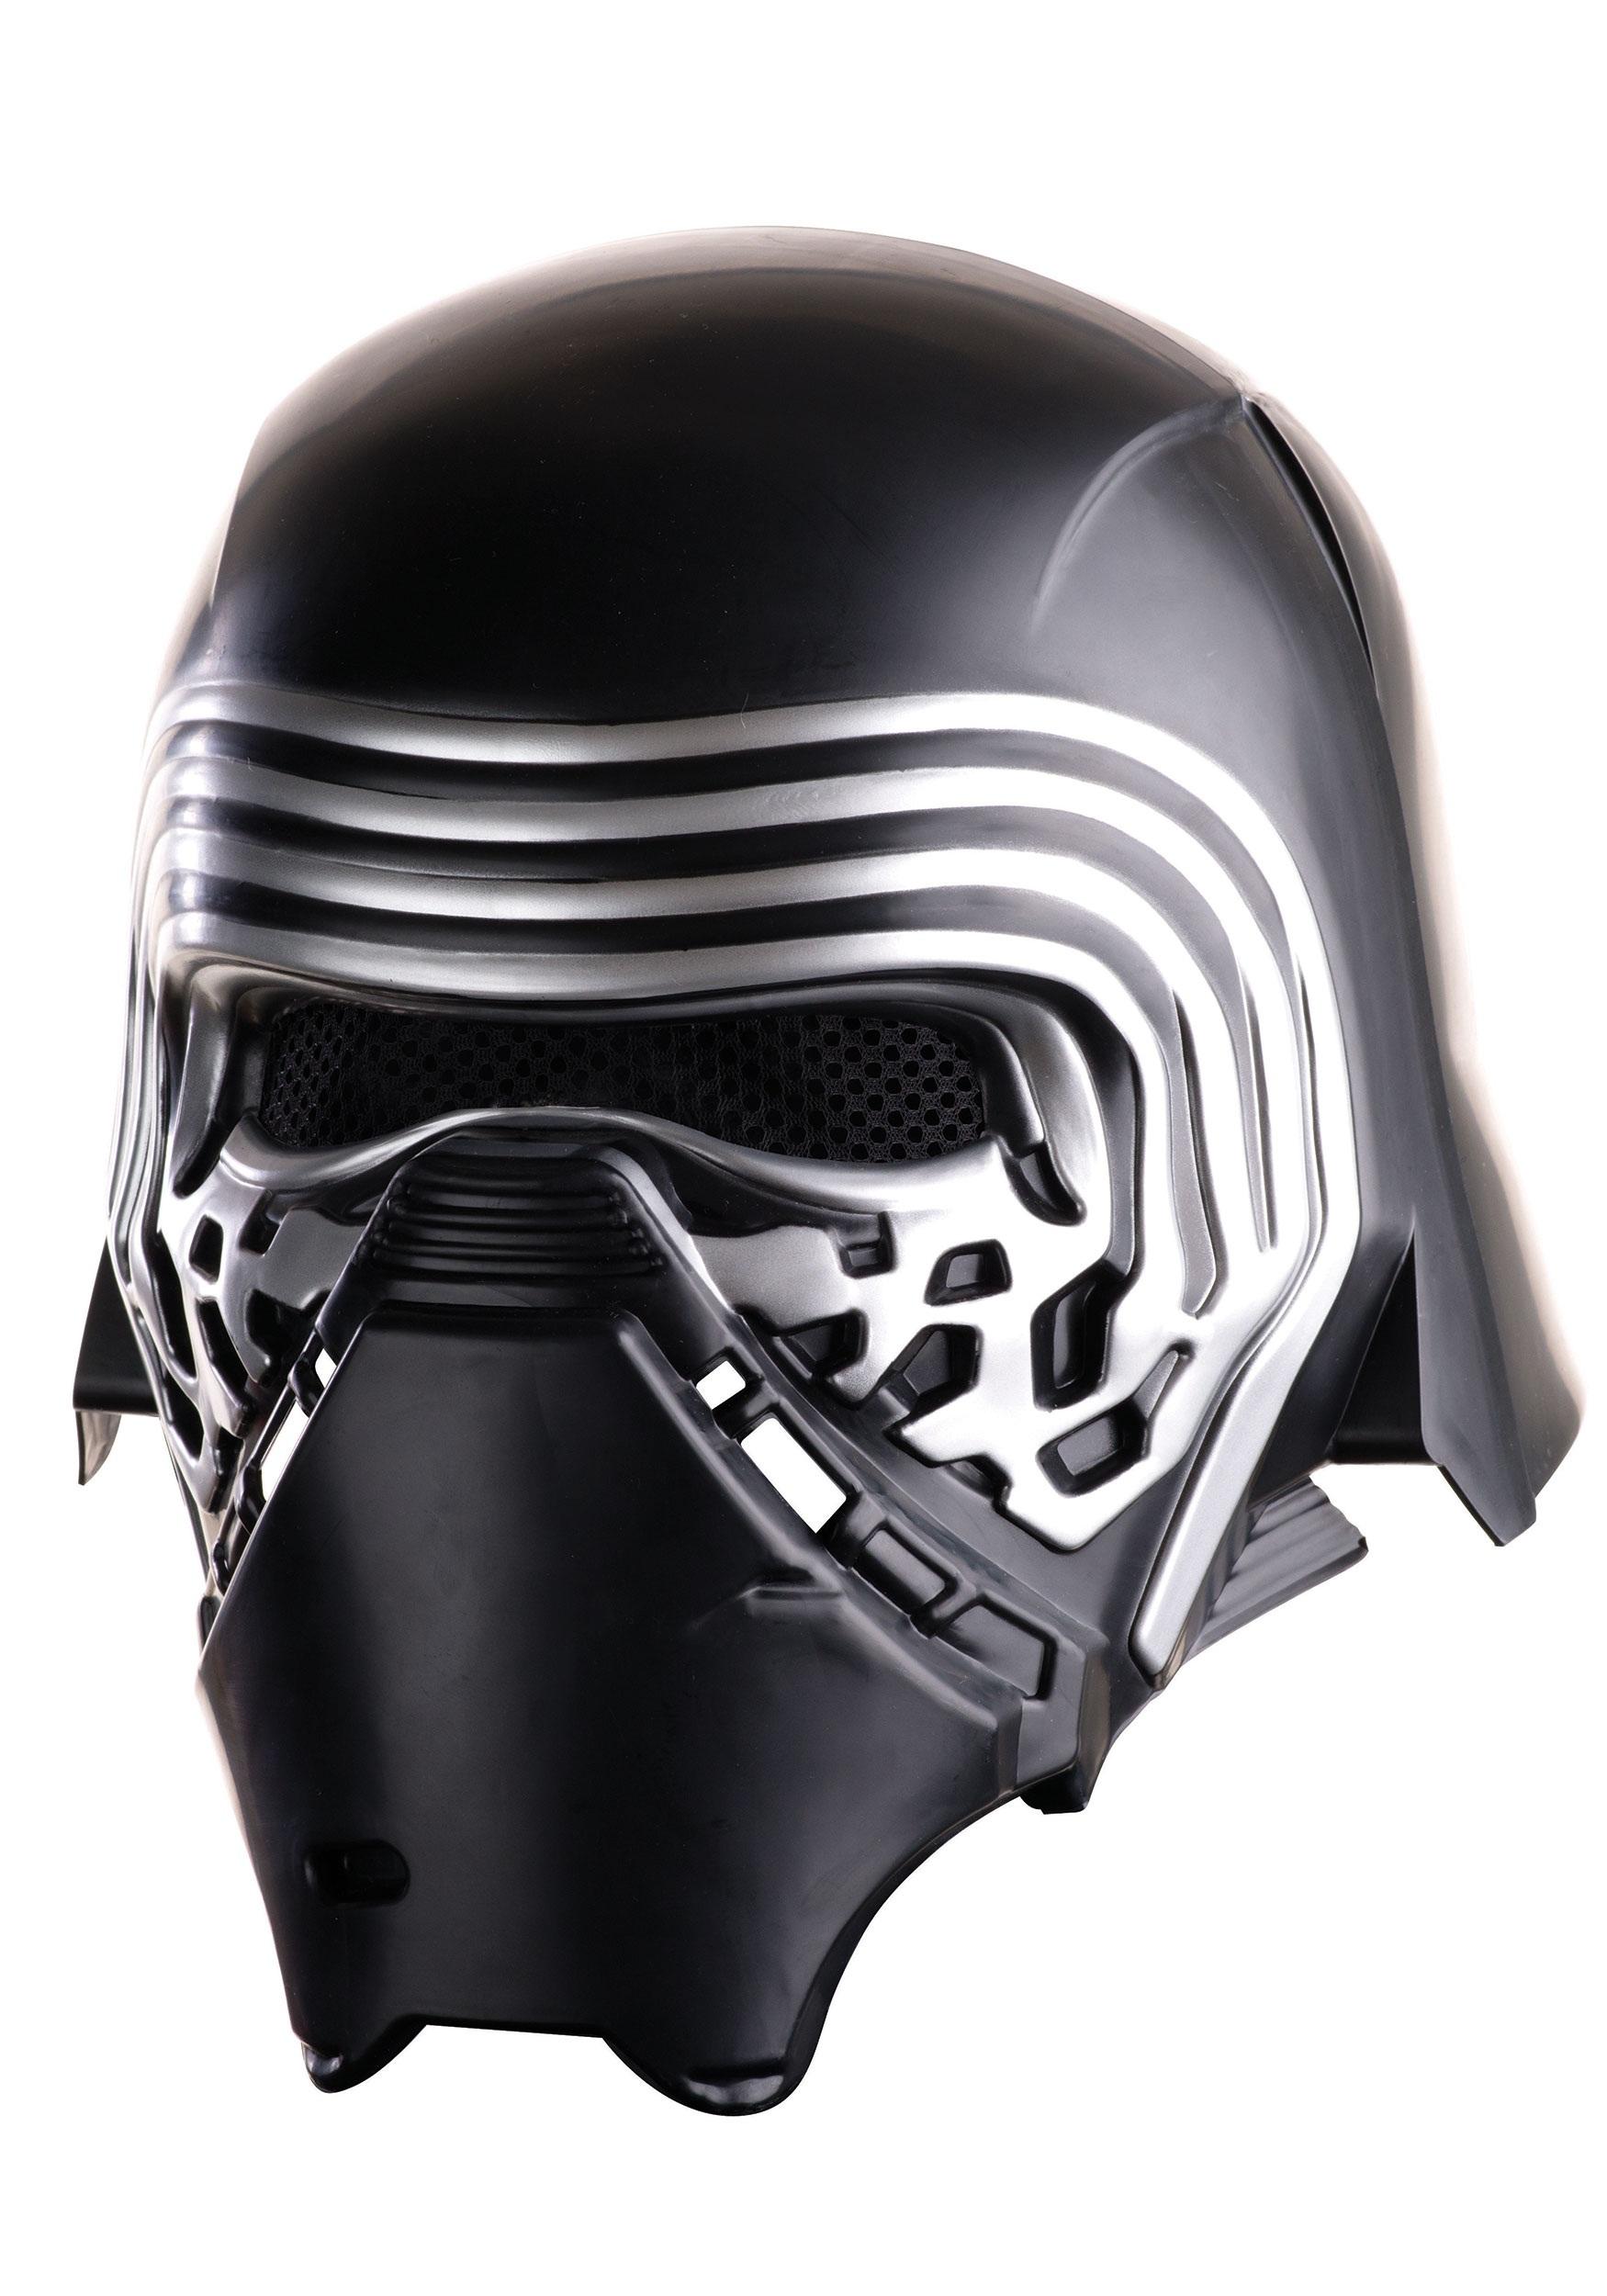 Star Wars Force Awakens Kylo Ren Mask RU32268